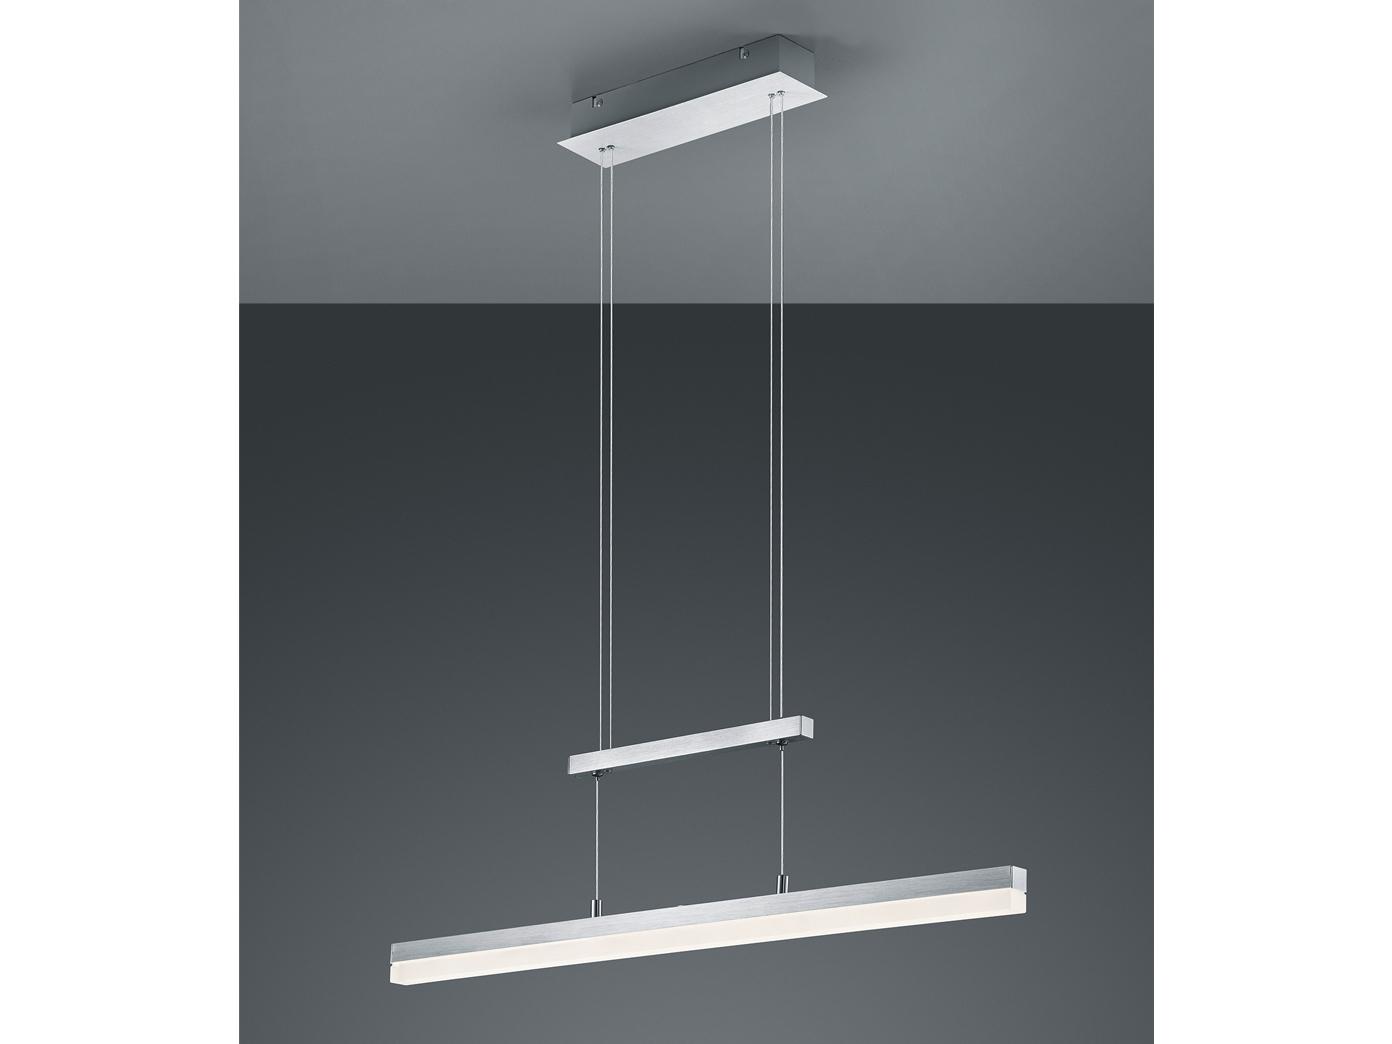 led pendelleuchte h ngelampe h henverstellbar dimmbar alu acrylglas trio ebay. Black Bedroom Furniture Sets. Home Design Ideas